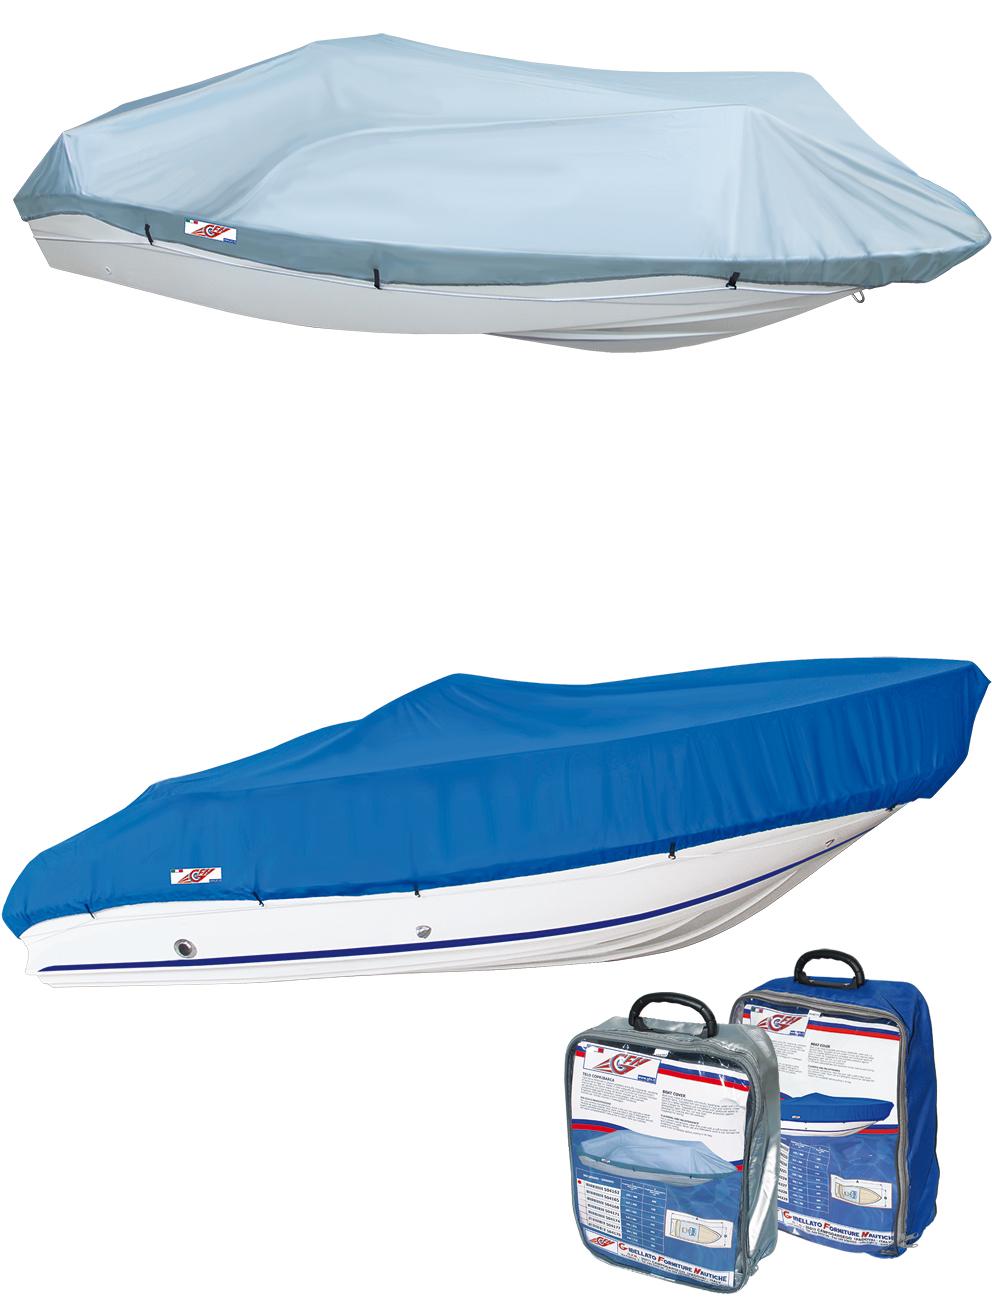 Boat Cover G F N Gibellato Forniture Nautiche